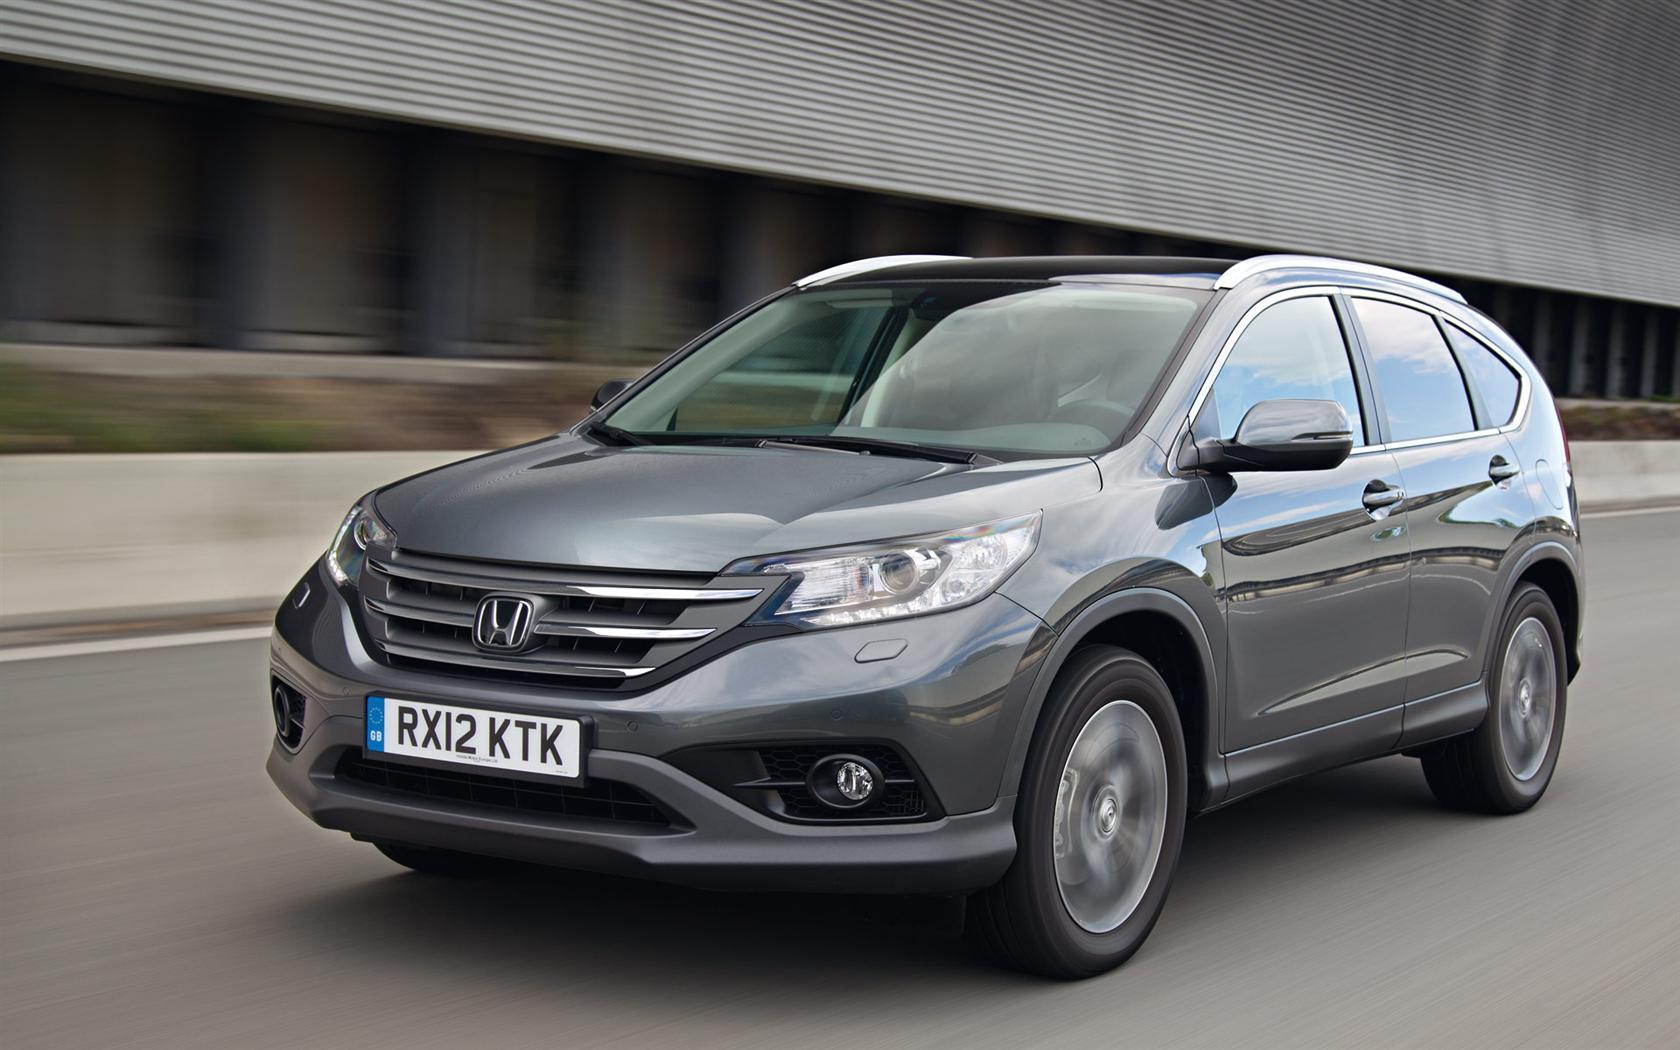 Honda CR-V World's Best-Selling SUV in 2012